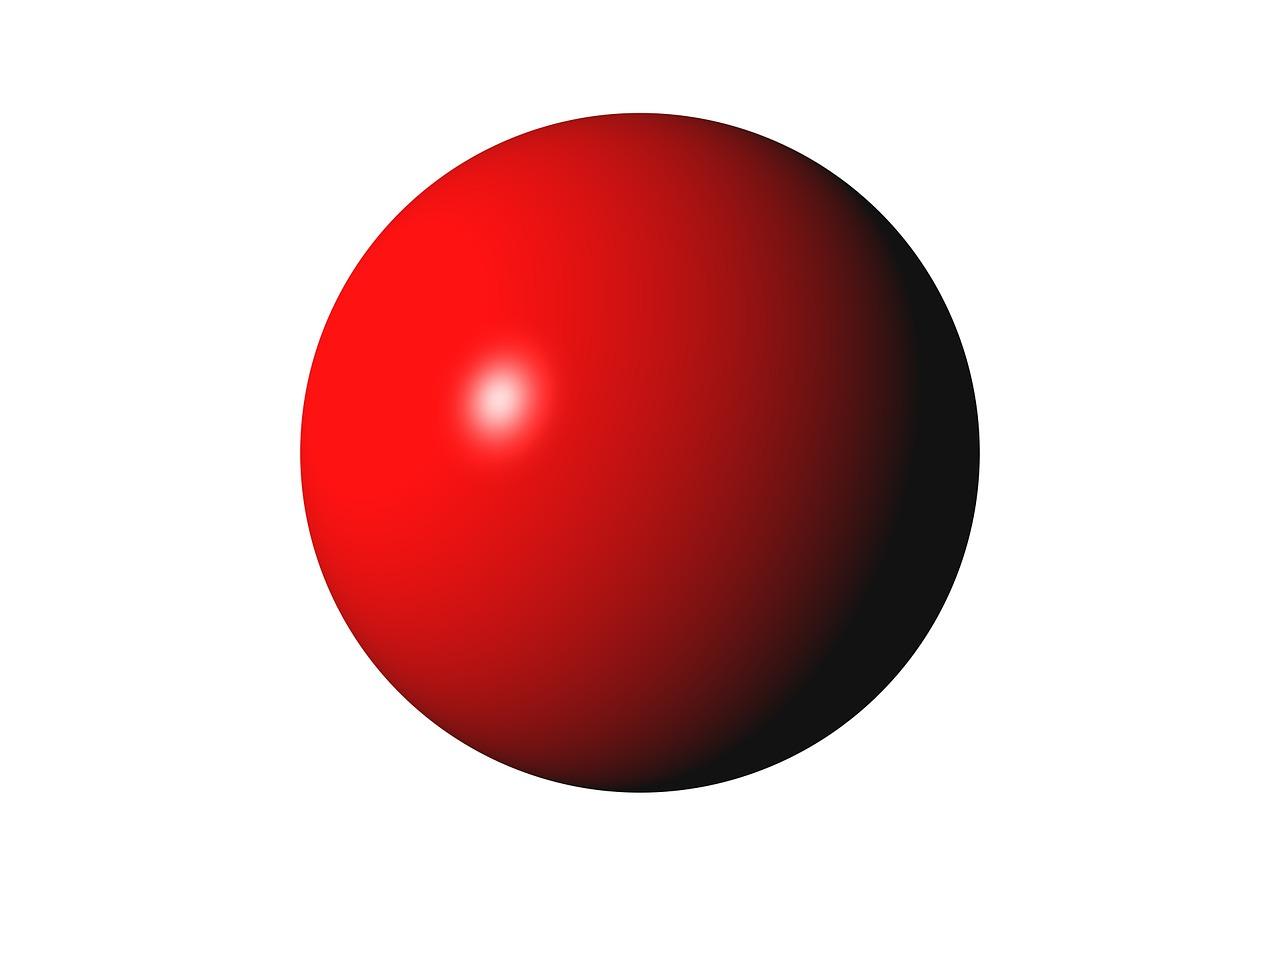 Картинка геометрические фигуры шар